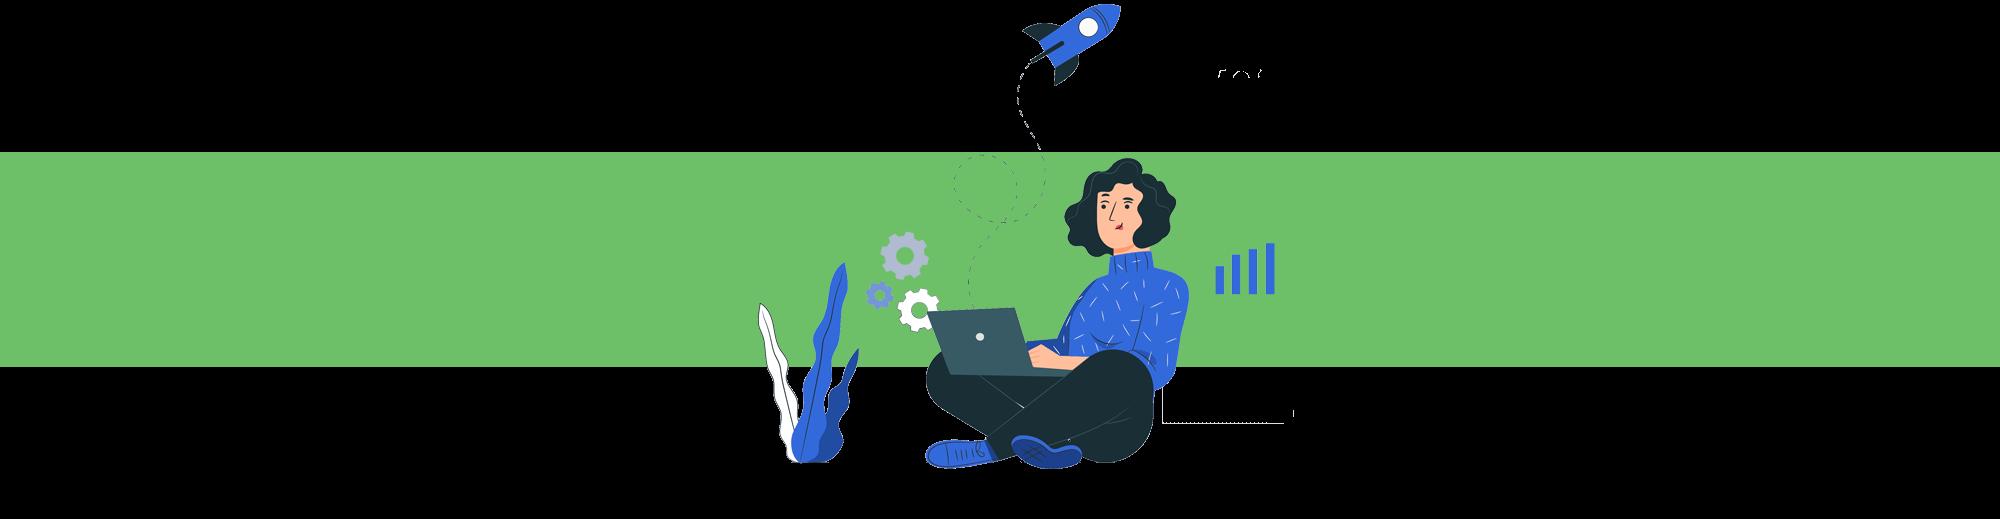 Maximize Your Online Presence Through SEO